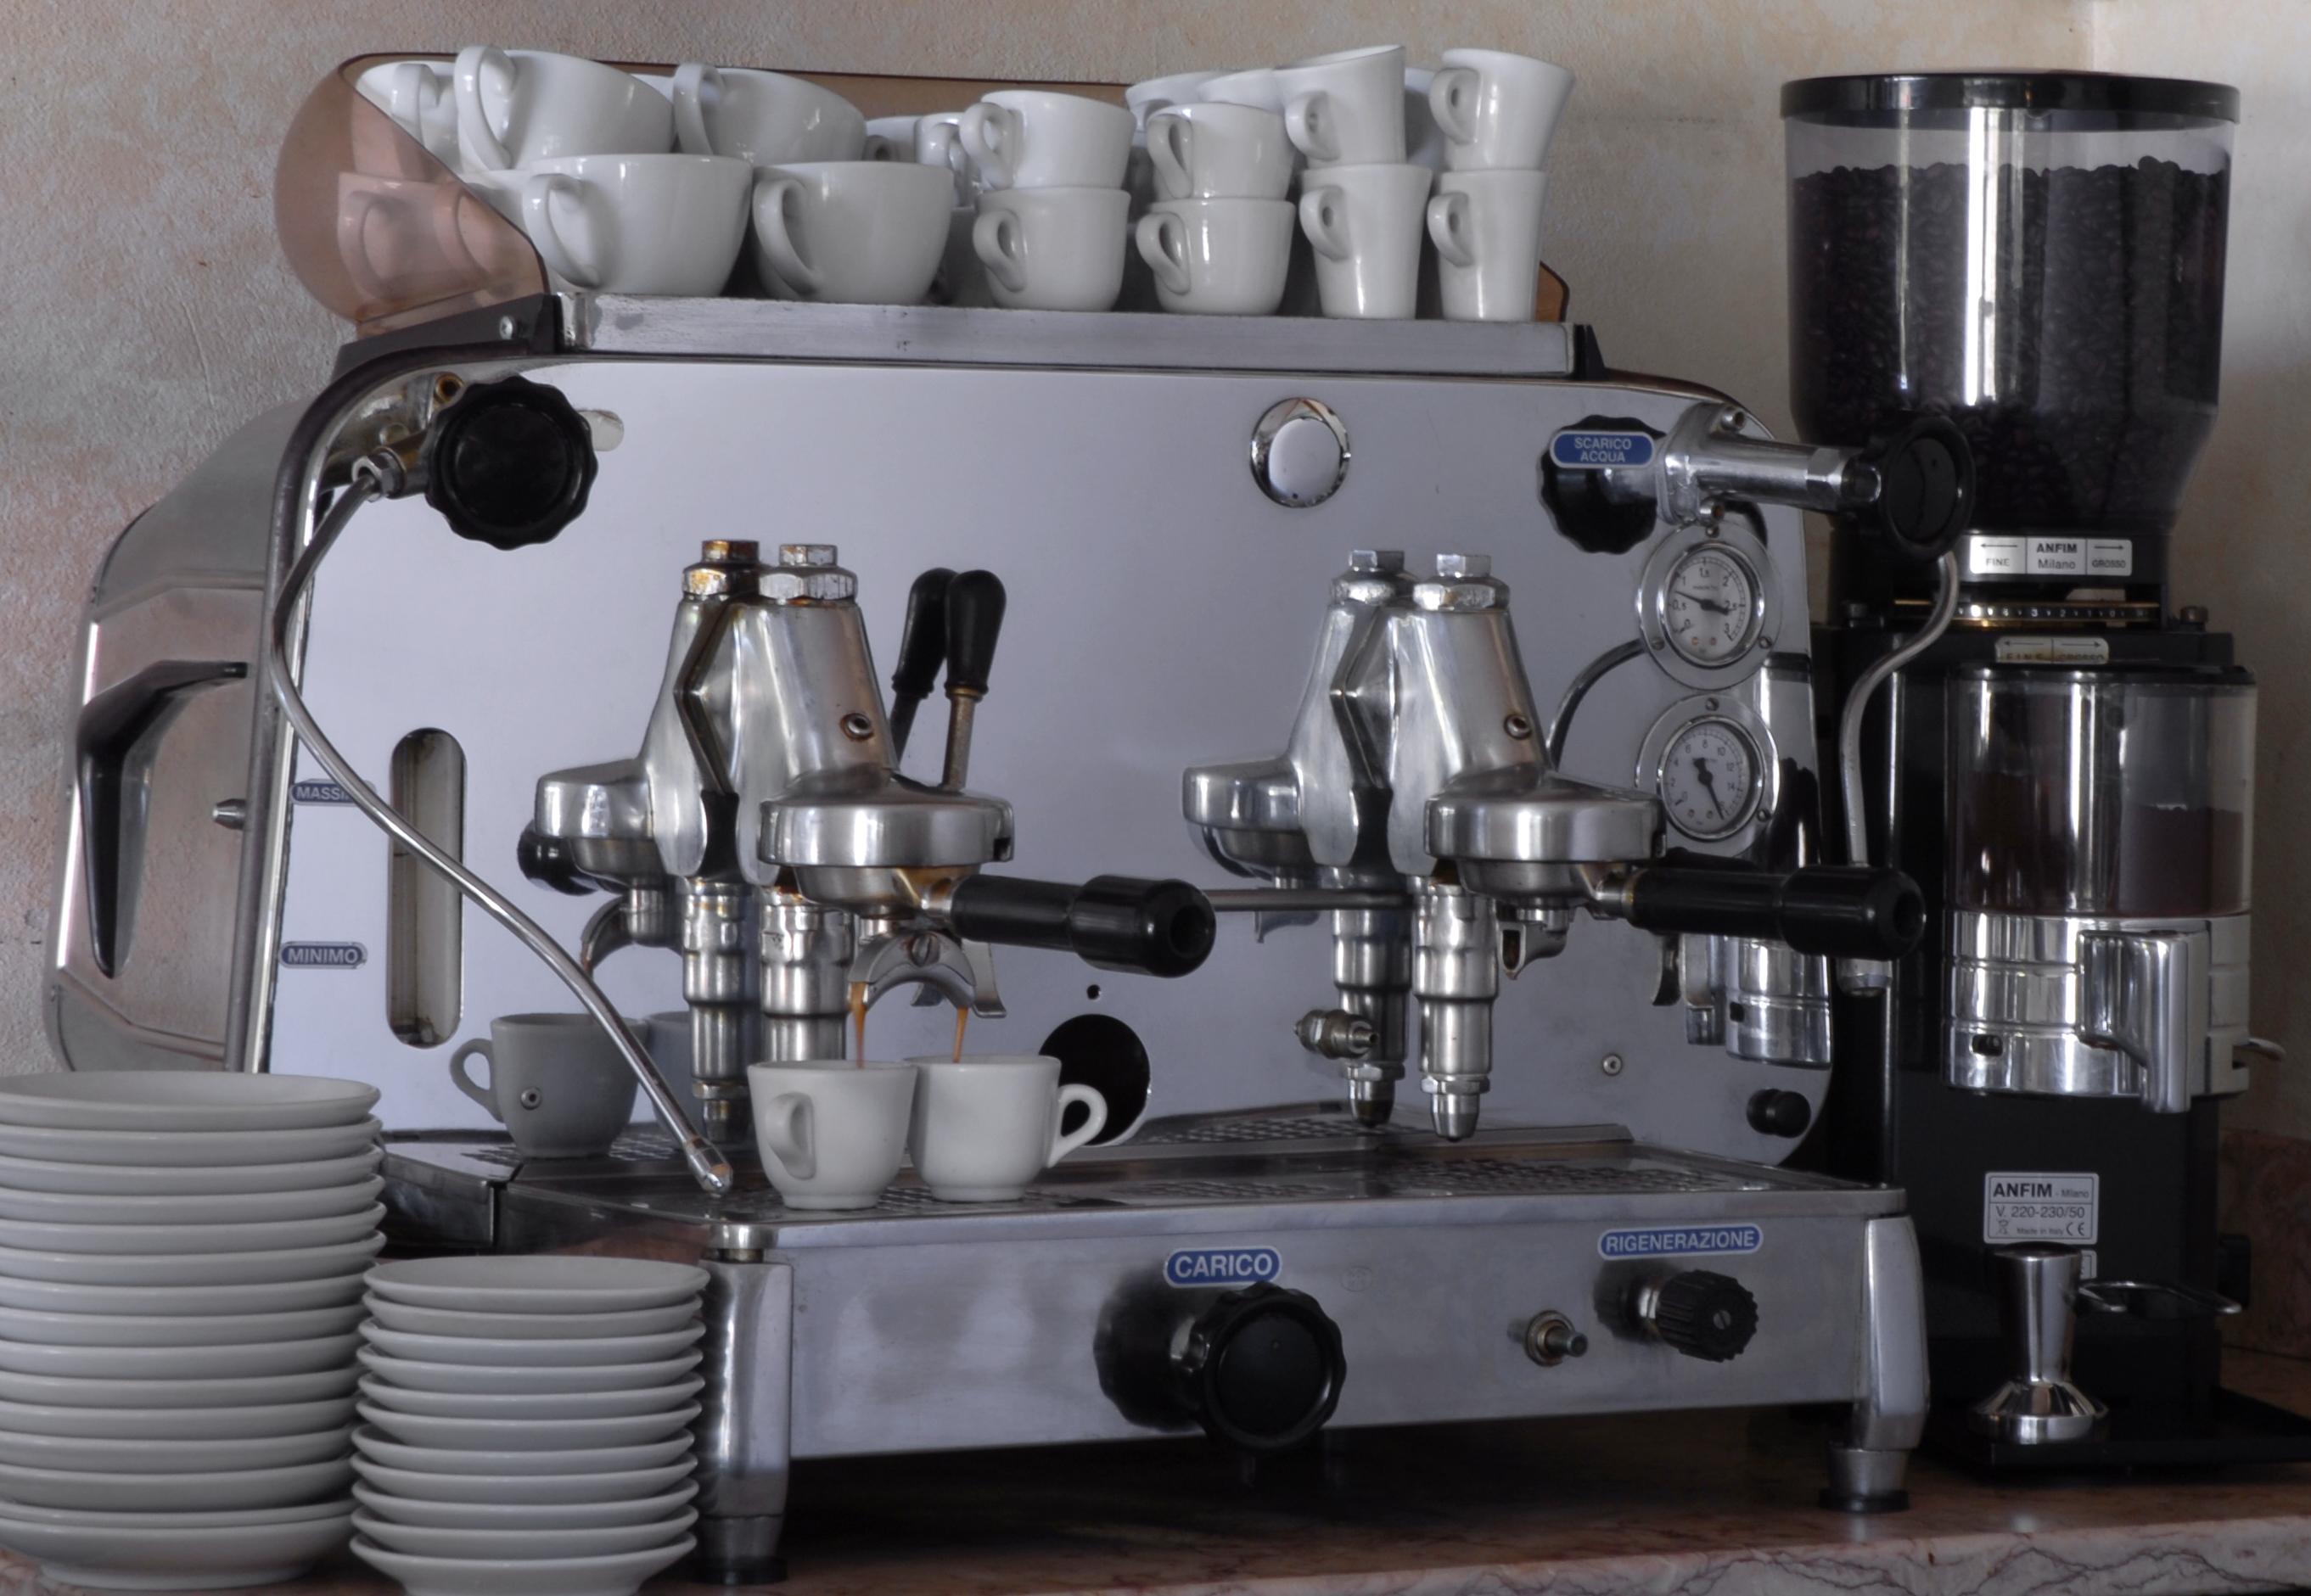 La Papperia prodotti tipici Alzate Brianza ( COMO )MACCHINA DEL CAFFÈ FAEMA E 61 COLAZIONE PASTICCERIA